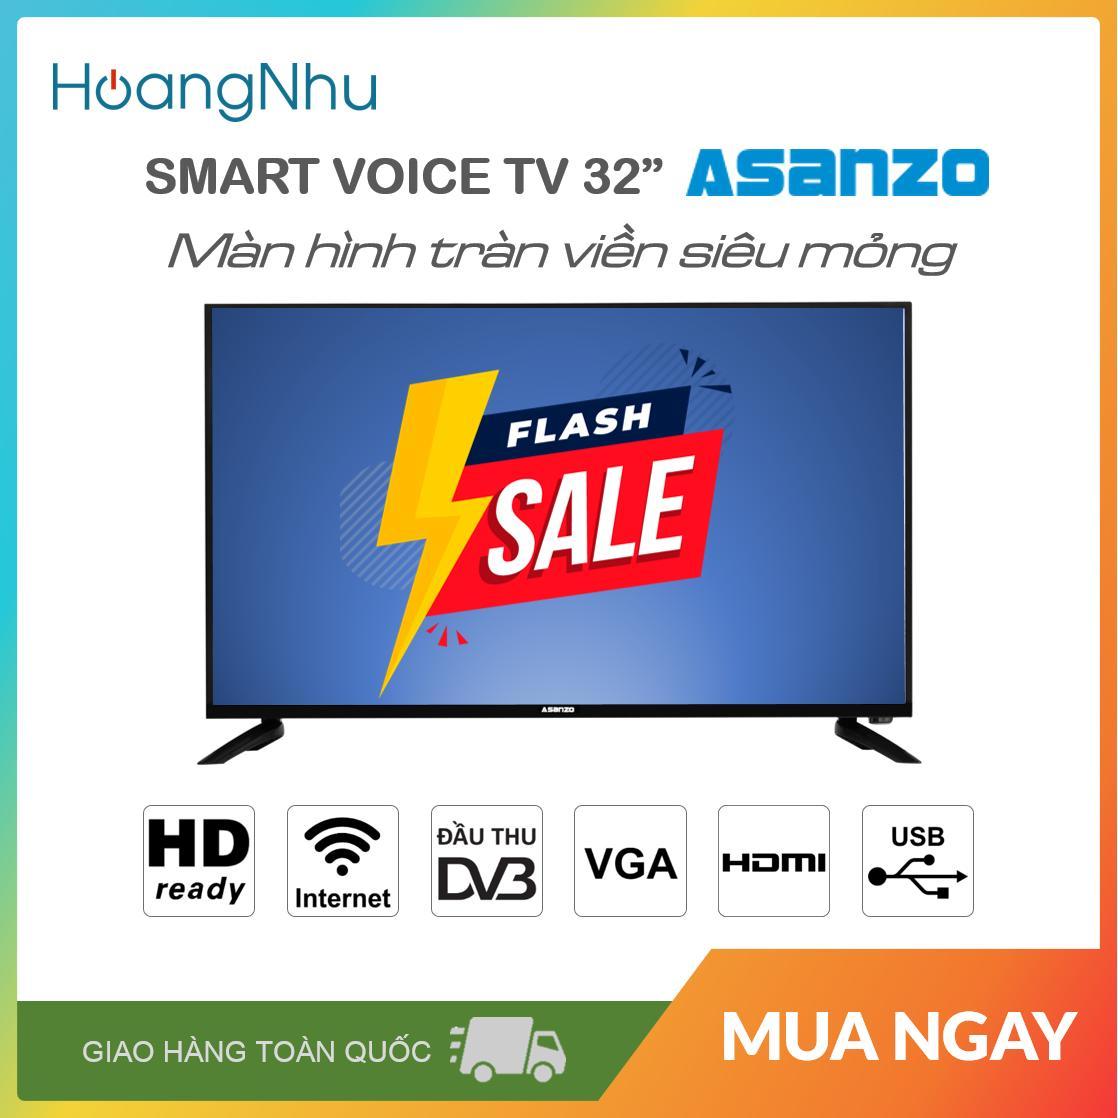 Bảng giá Smart Voice TV Asanzo 32 inch ISLIM - Model 32SL500 (HD Ready, Android 8.0, Tìm Kiếm Giọng Nói, Kết Nối Điện Thoại, Viền Kim Loại, Không Lỗi Youtube) - Bảo Hành 2 Năm